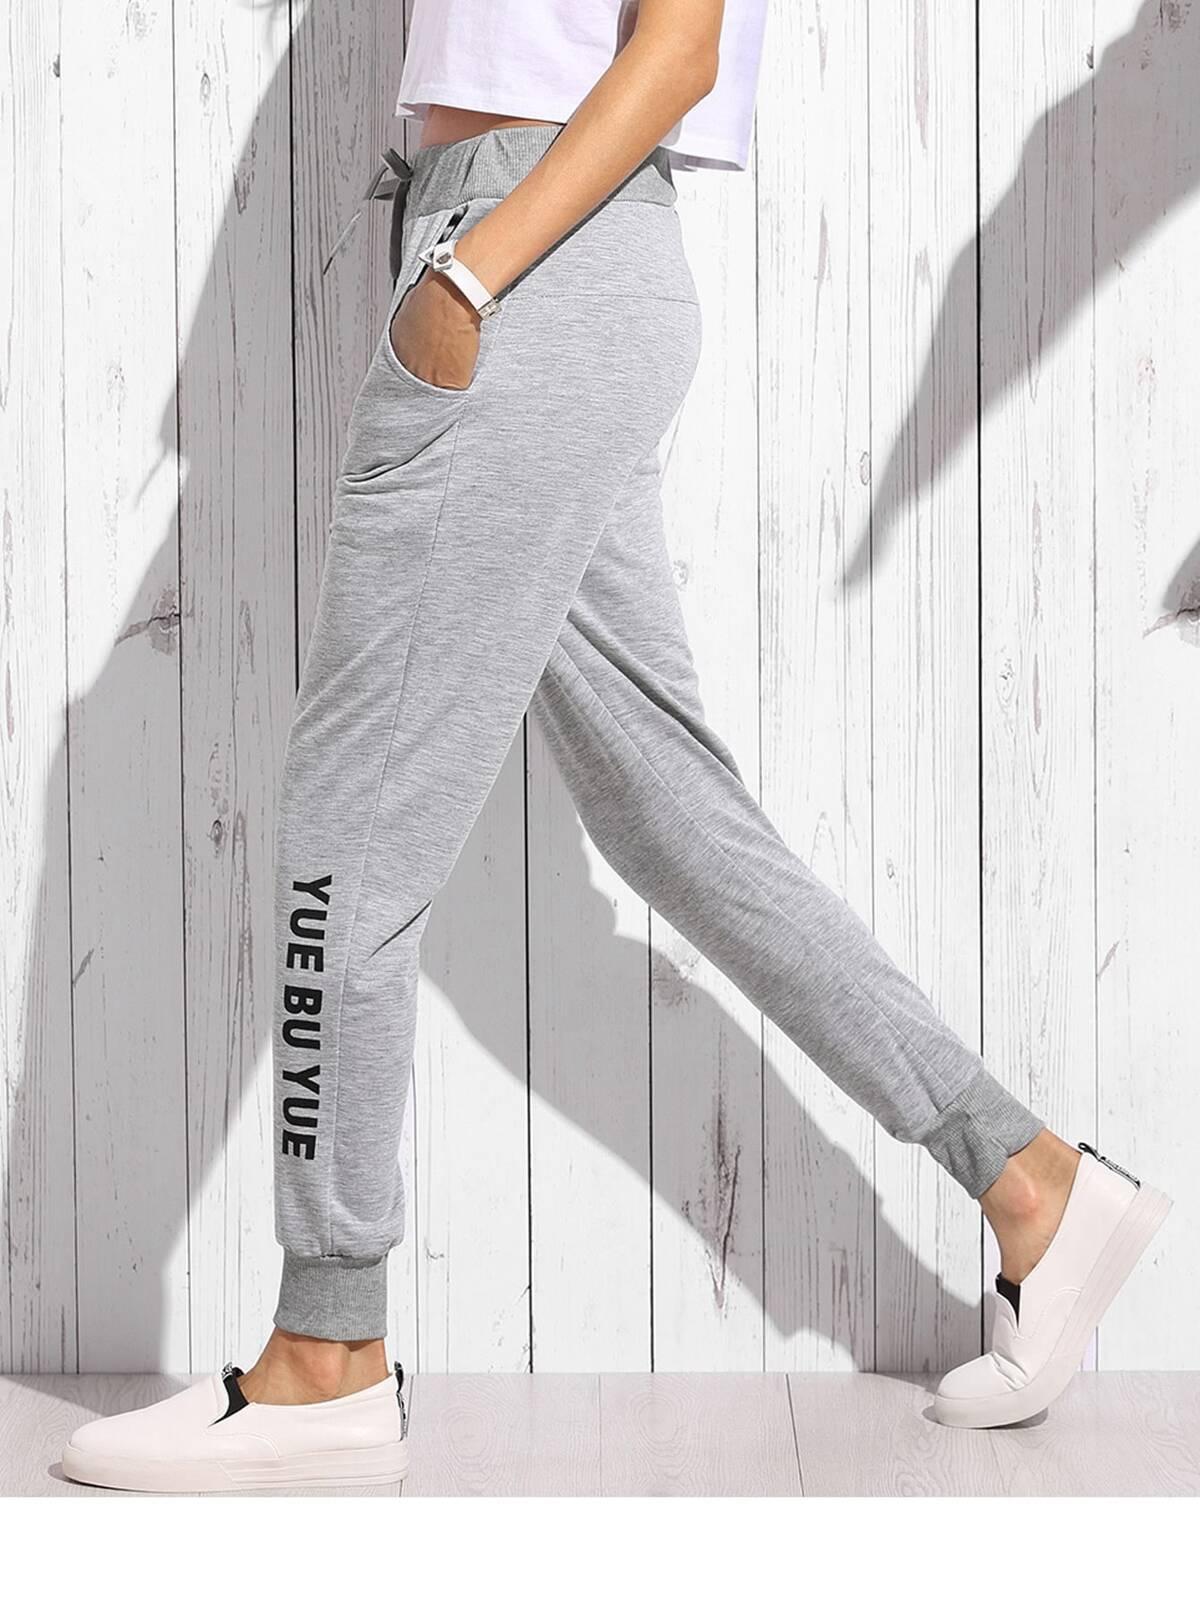 灰色 混紡 針織 細長條 束帶 褲